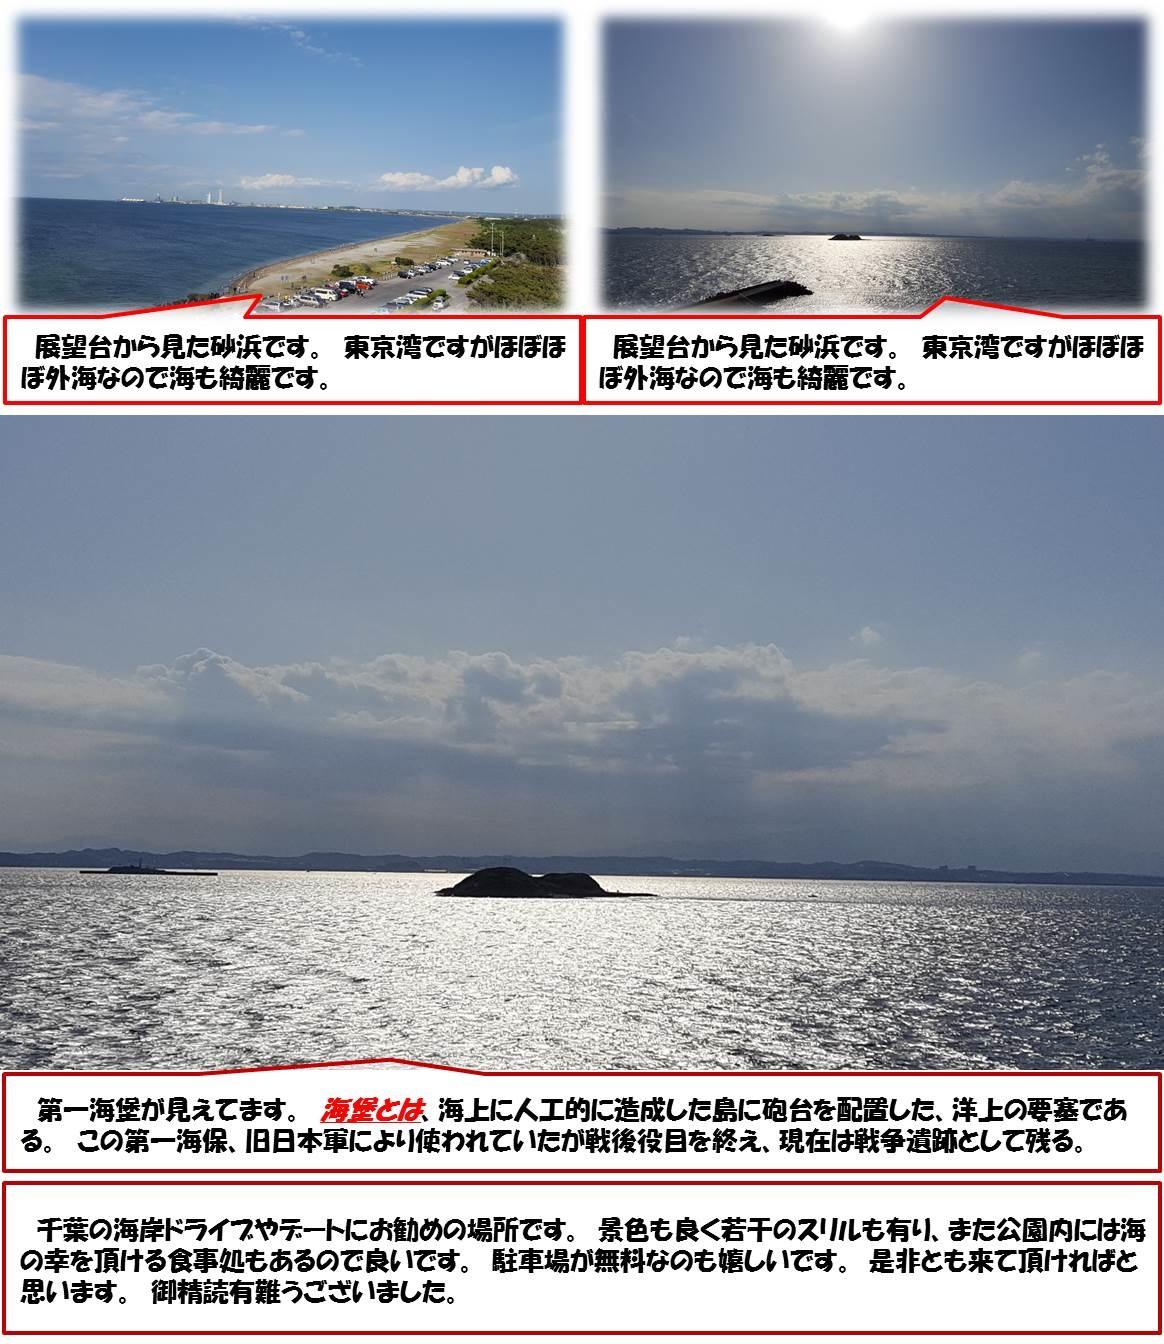 展望台から見た砂浜です。 東京湾ですがほぼほぼ外海なので海も綺麗です。 展望台から見た砂浜です。 東京湾ですがほぼほぼ外海なので海も綺麗です。  第一海堡が見えてます。 海堡とは、海上に人工的に造成した島に砲台を配置した、洋上の要塞である。 この第一海保、旧日本軍により使われていたが戦後役目を終え、現在は戦争遺跡として残る。  千葉の海岸ドライブやデートにお勧めの場所です。 景色も良く若干のスリルも有り、また公園内には海の幸を頂ける食事処もあるので良いです。 駐車場が無料なのも嬉しいです。 是非とも来て頂ければと思います。 御精読有難うございました。